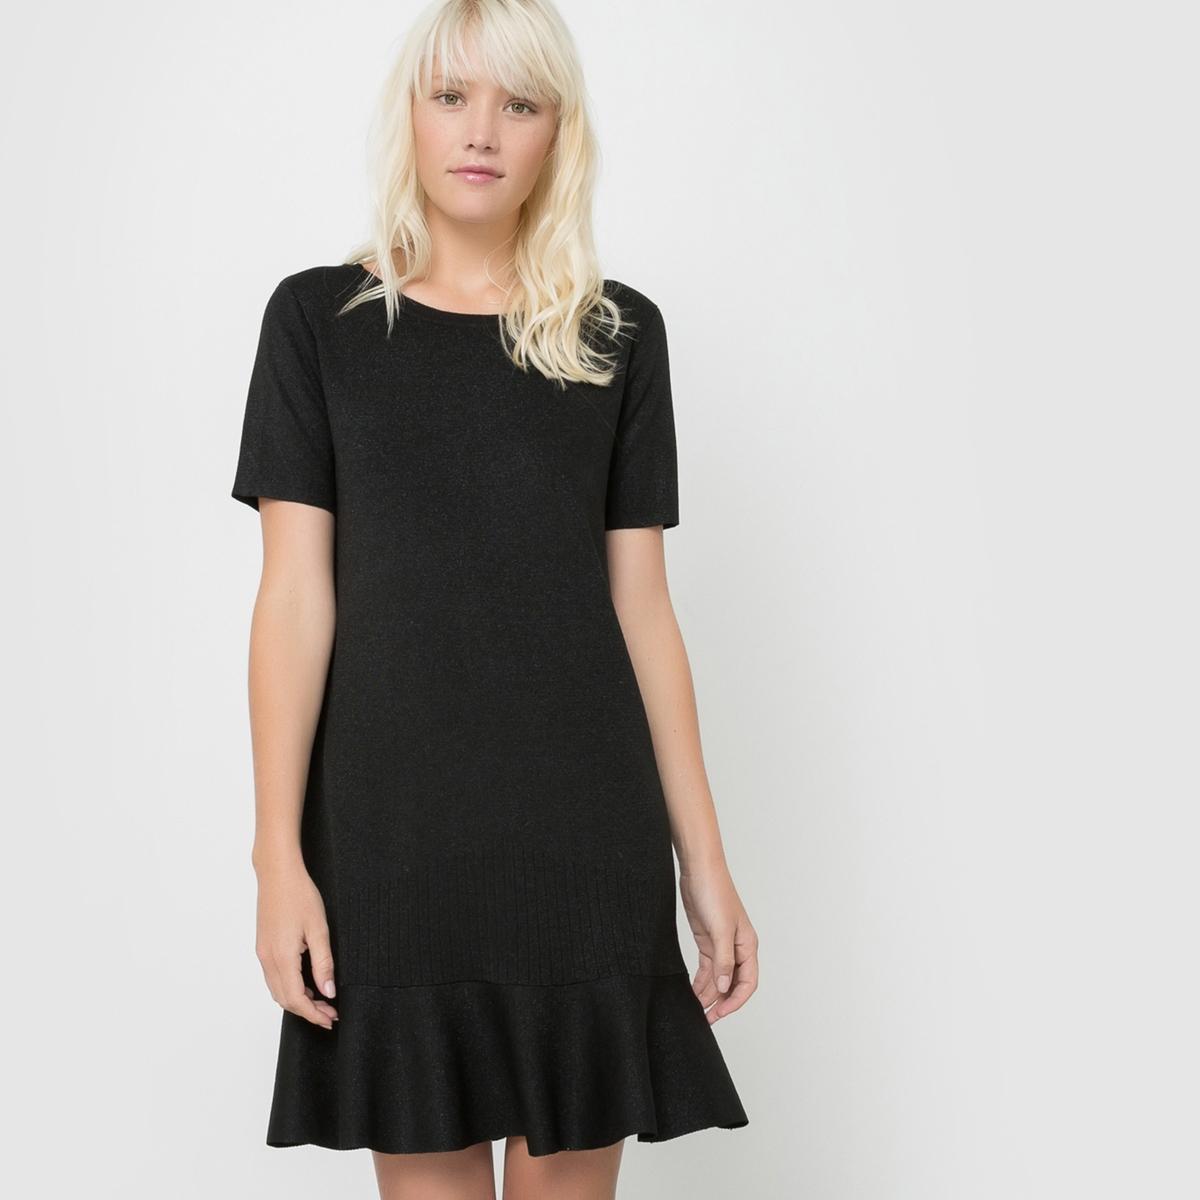 Платье с короткими рукавами CAMILLEПлатье CAMILLE от SUNCOO. Вырез-лодочка. Короткие рукава. Трикотаж с радужным эффектом. Слегка расклешенный к низу покрой.     Состав и деталиМатериал         65% вискозы, 15% металлизированных нитей, 20% полиамида Марка          SUNCOO<br><br>Цвет: черный<br>Размер: S